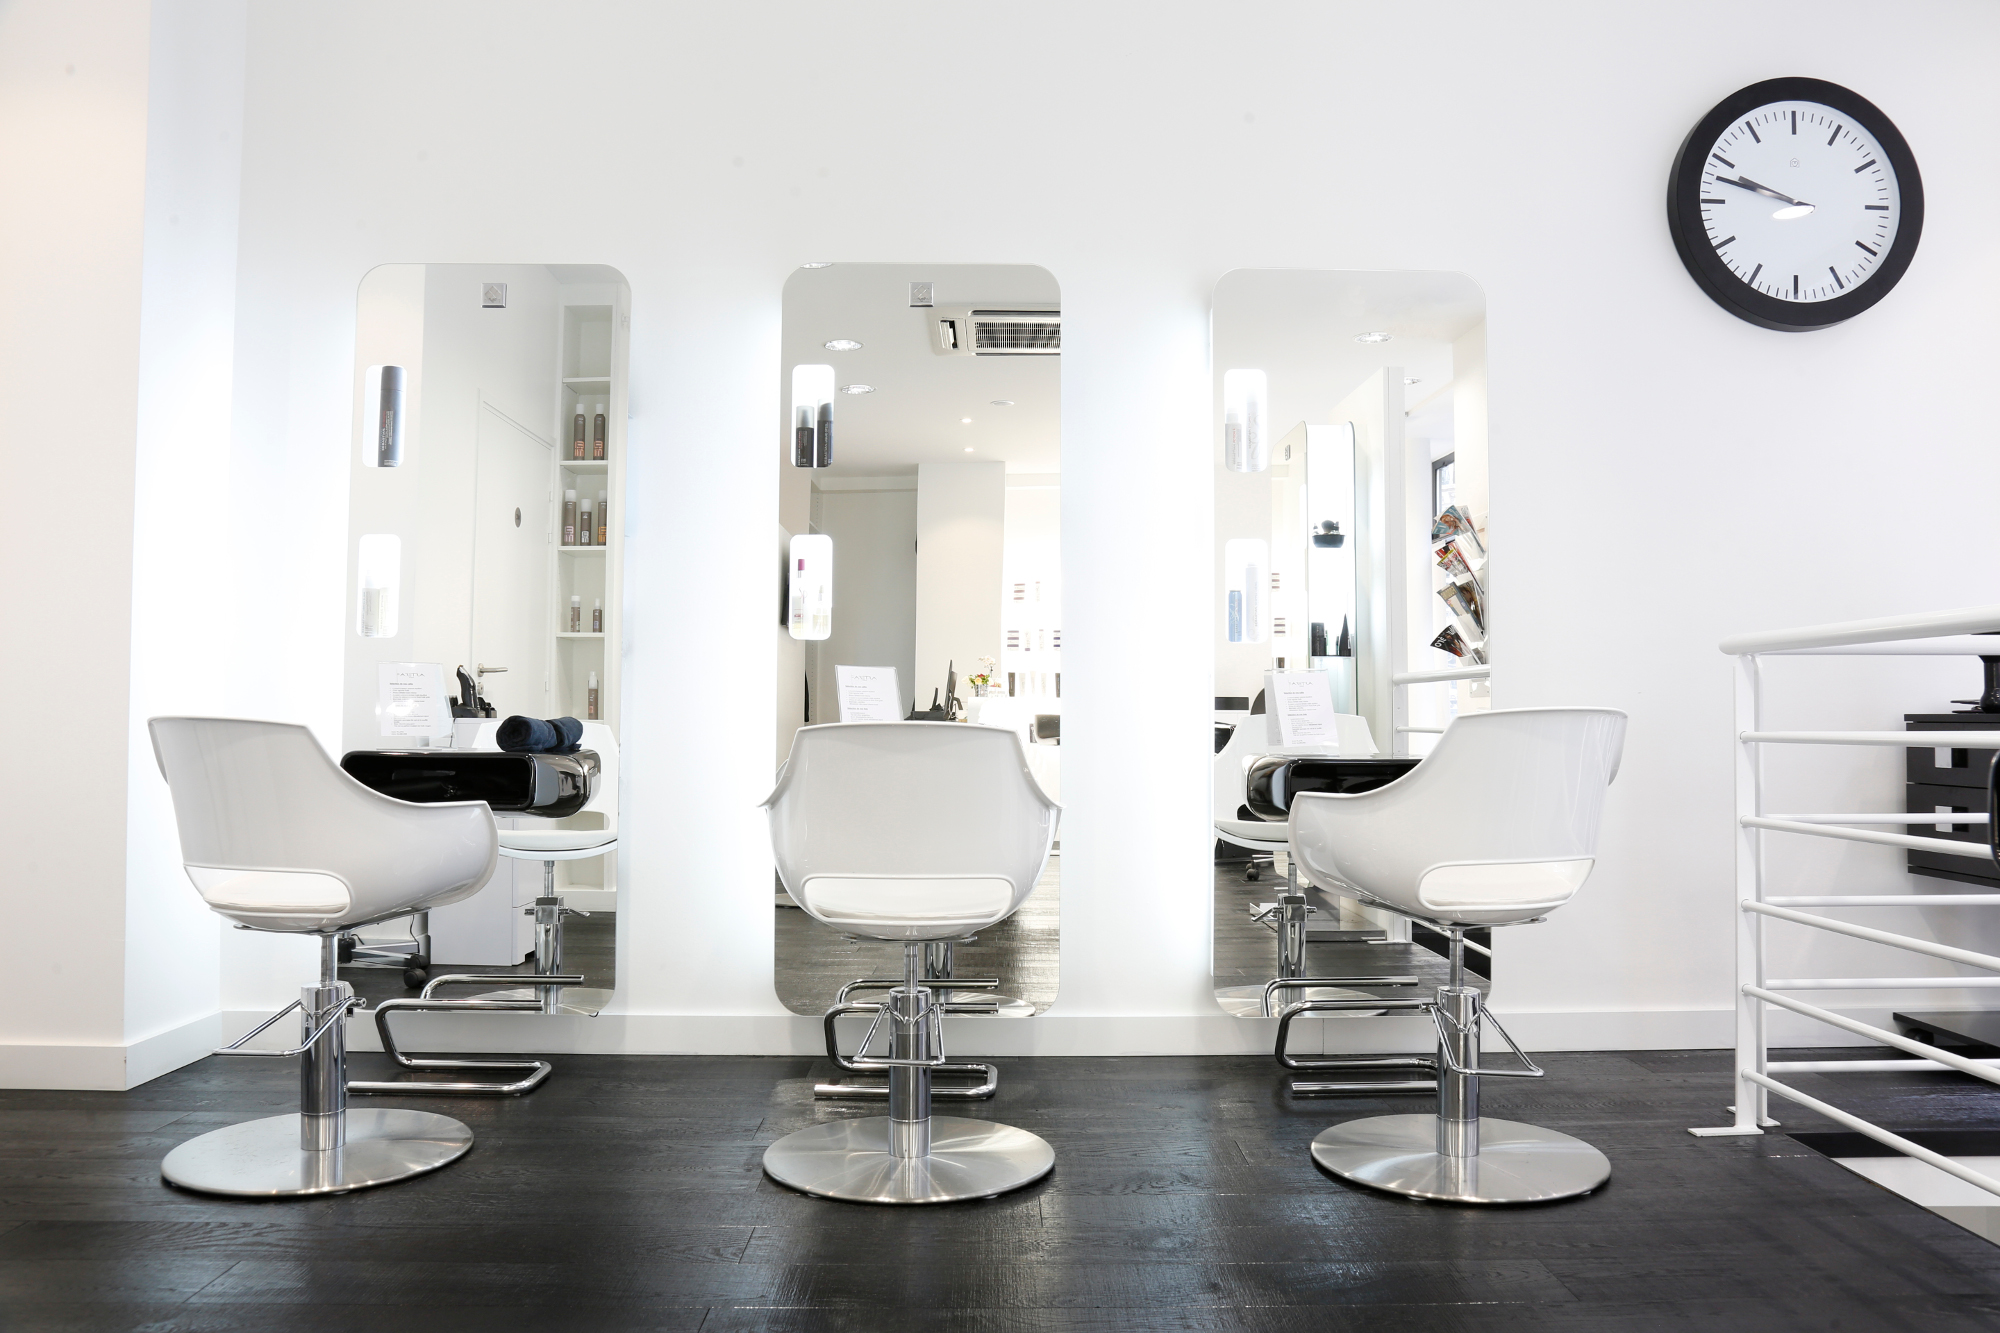 Notre visite myst re du salon de coiffure faretra paris 8 for Salon de coiffure paris 8